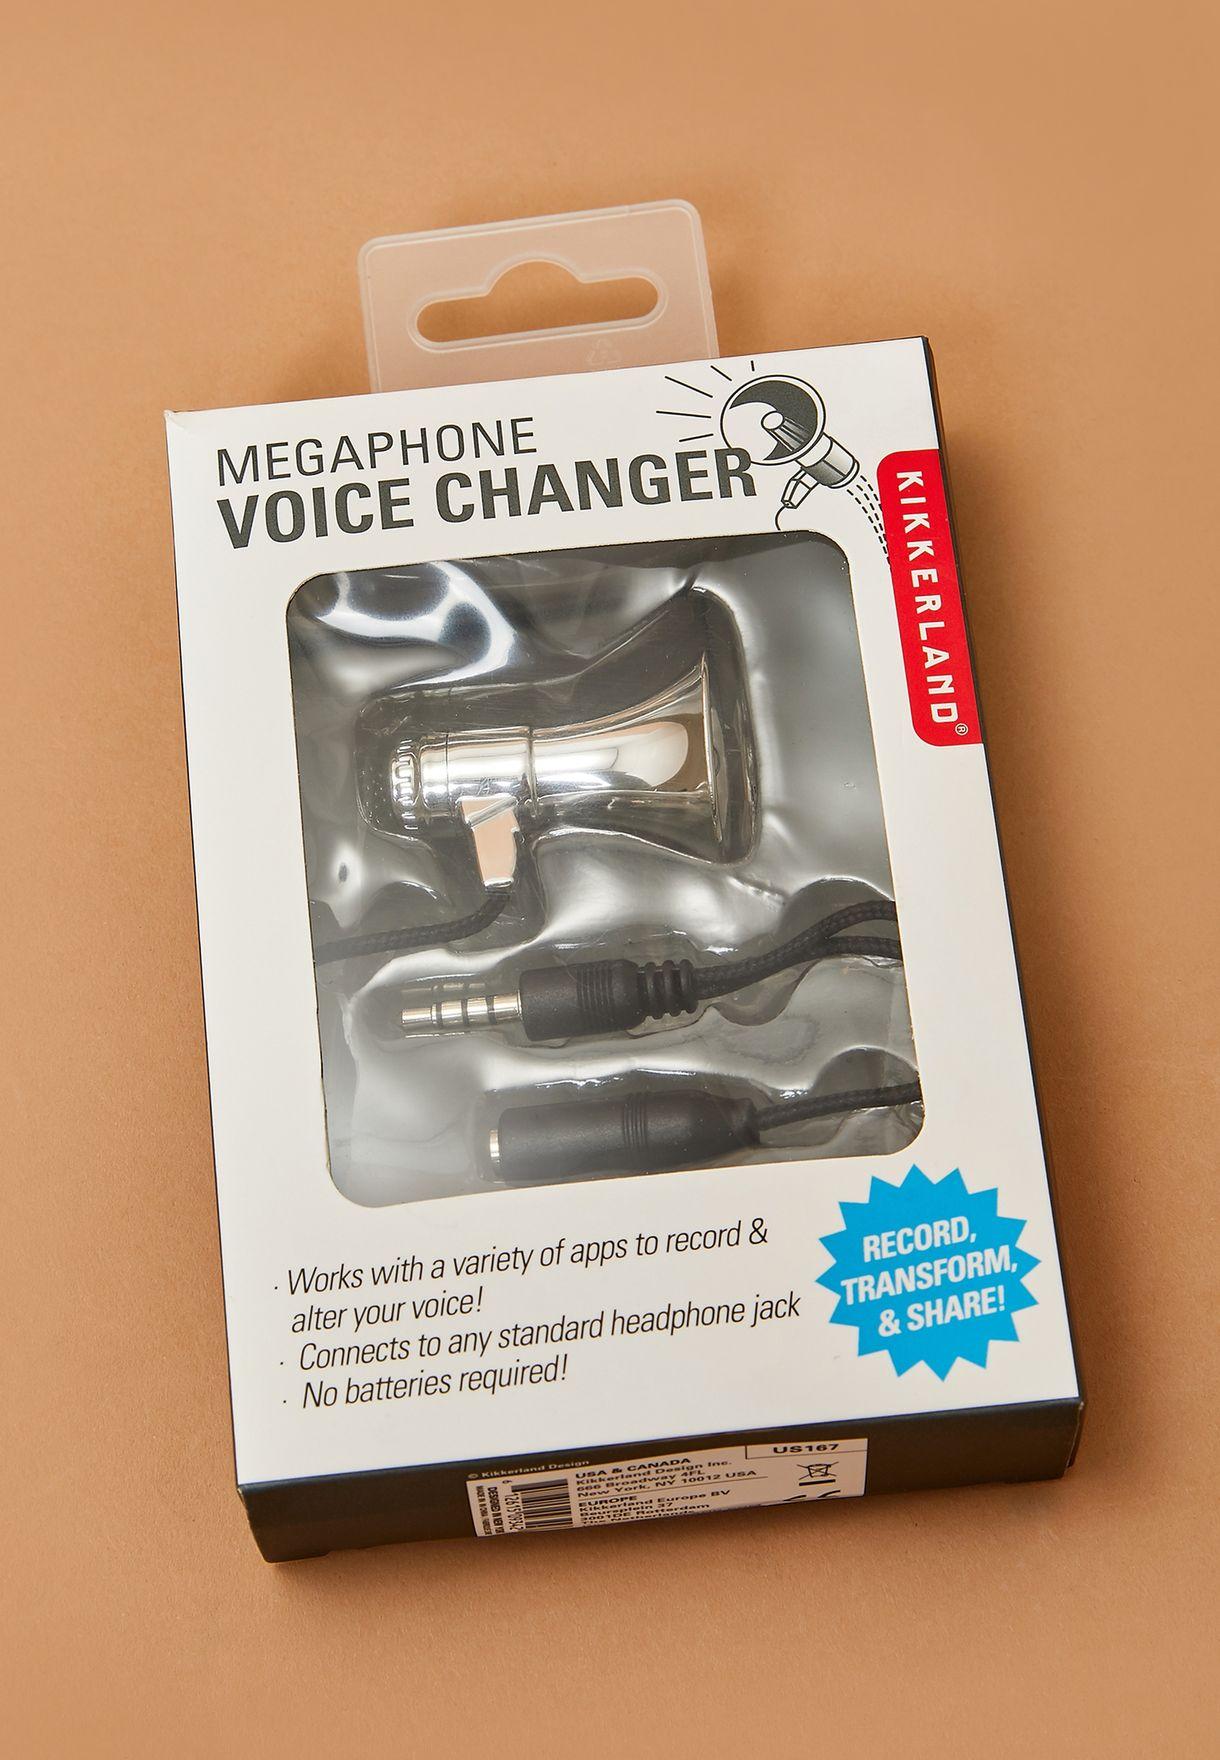 Megaphone Voice Changer